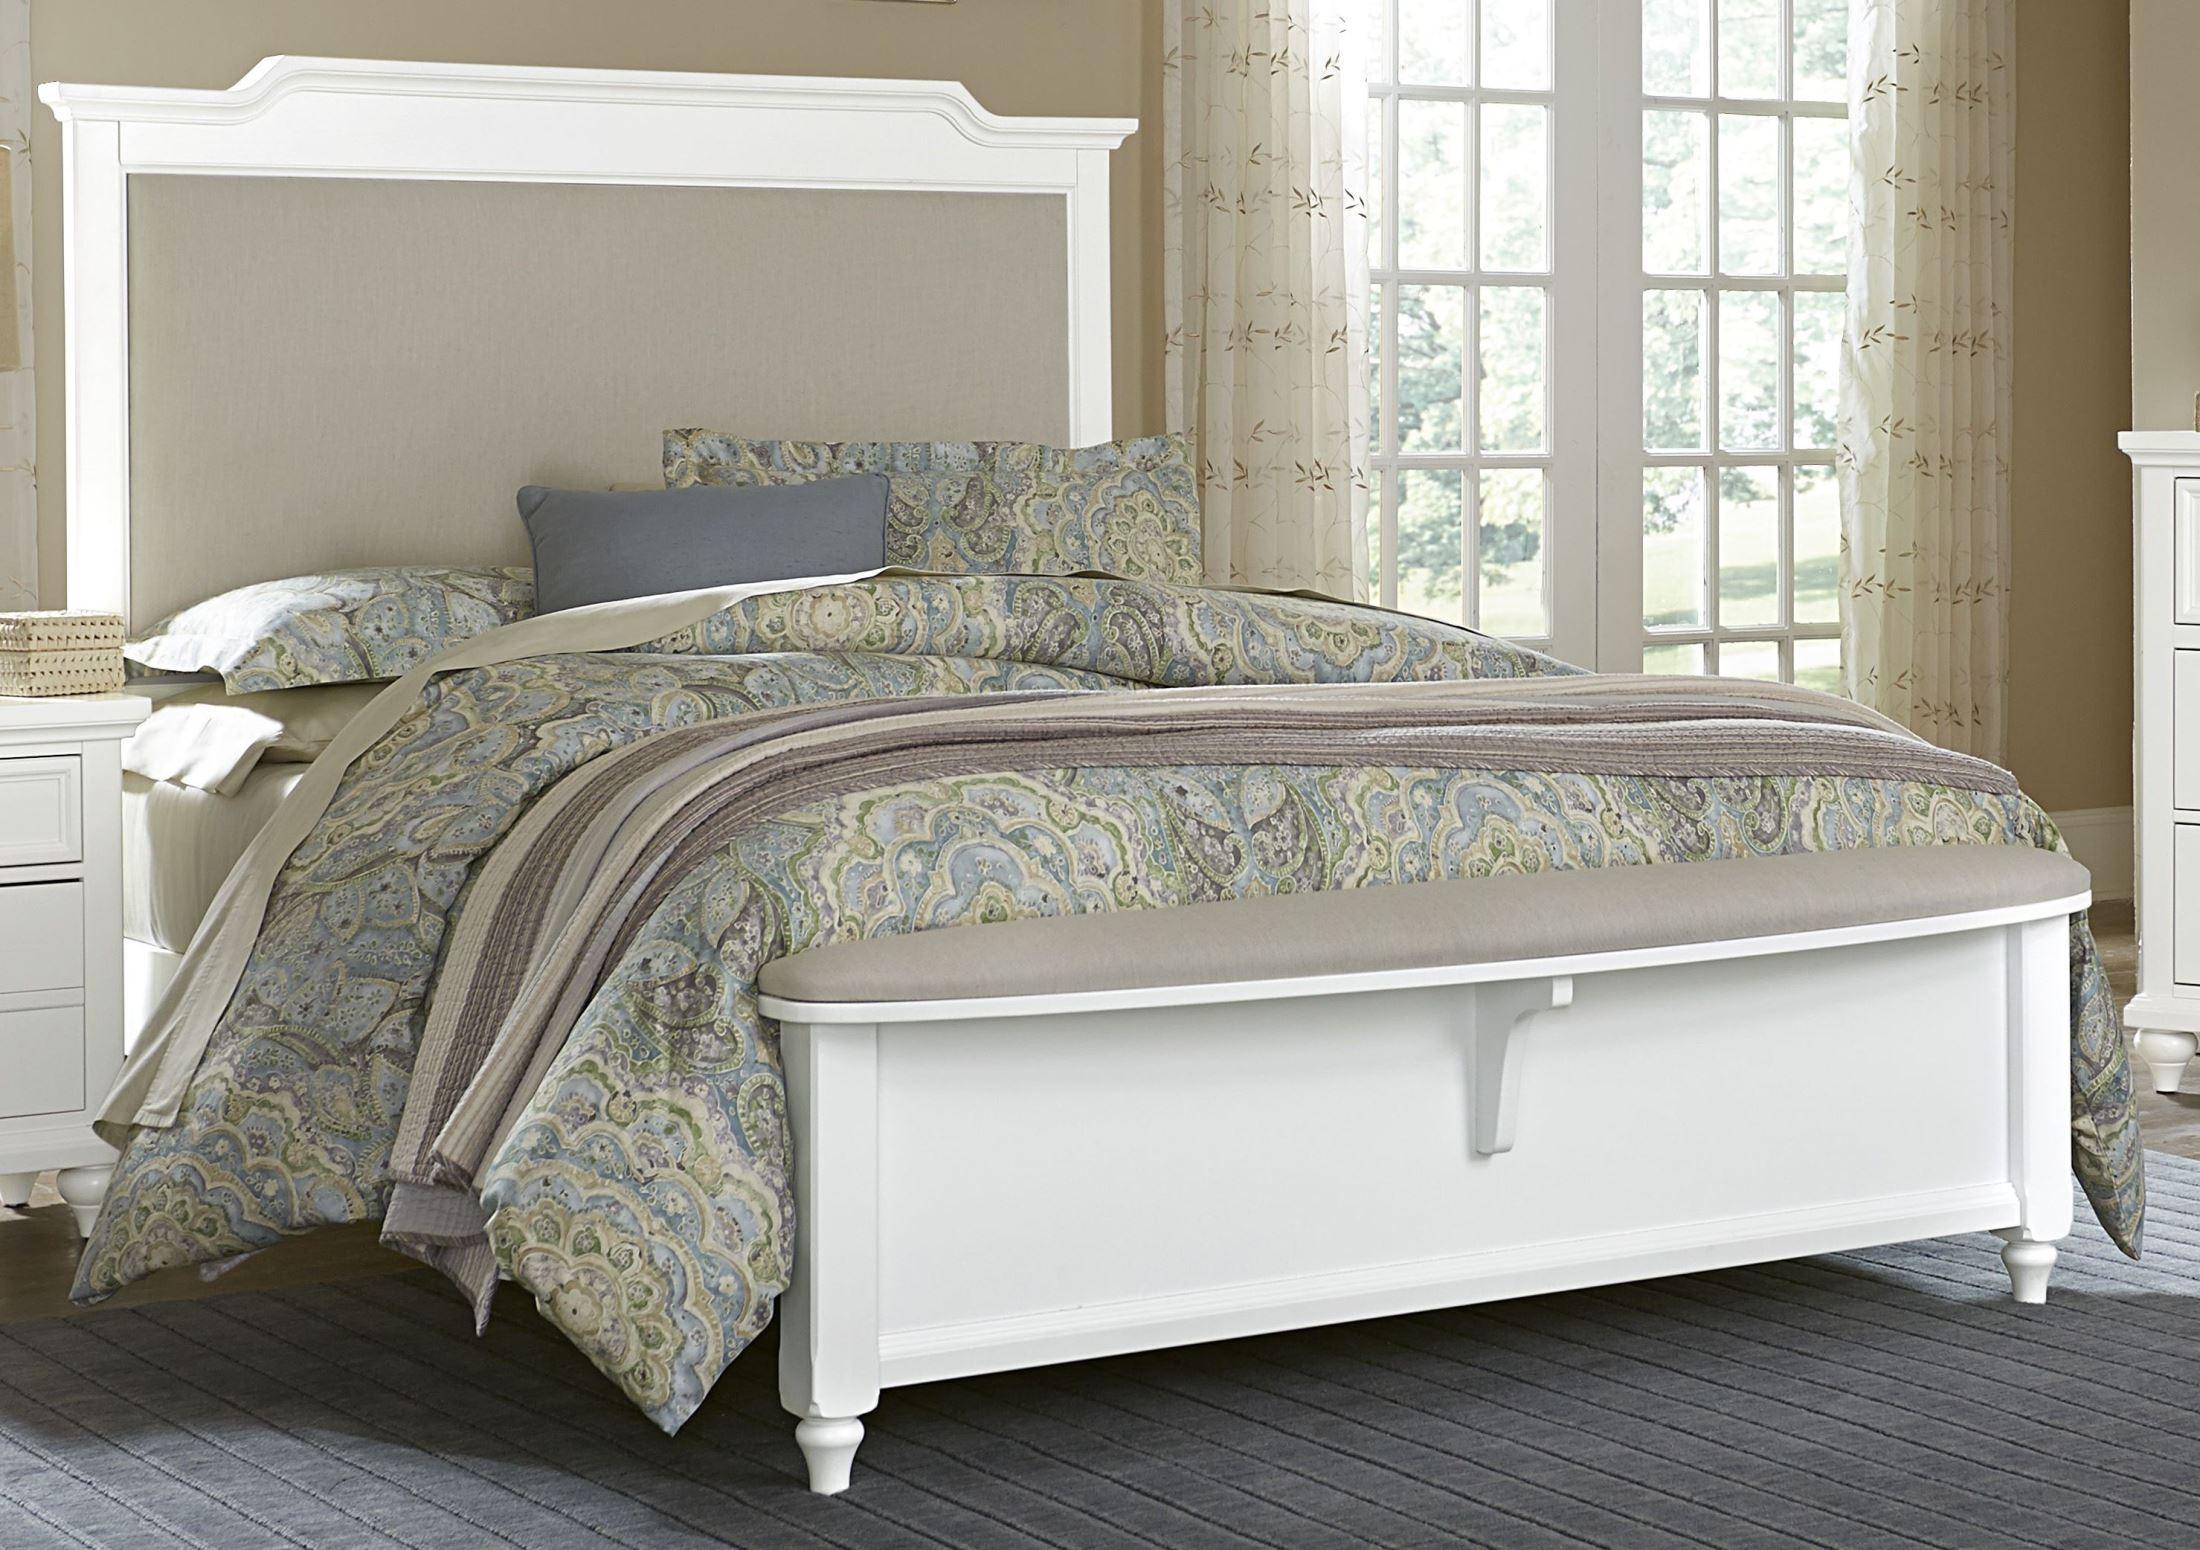 Nantucket soft white queen upholstered upholstered bench bed 374 551 955 922 vaughan bassett White bed bench